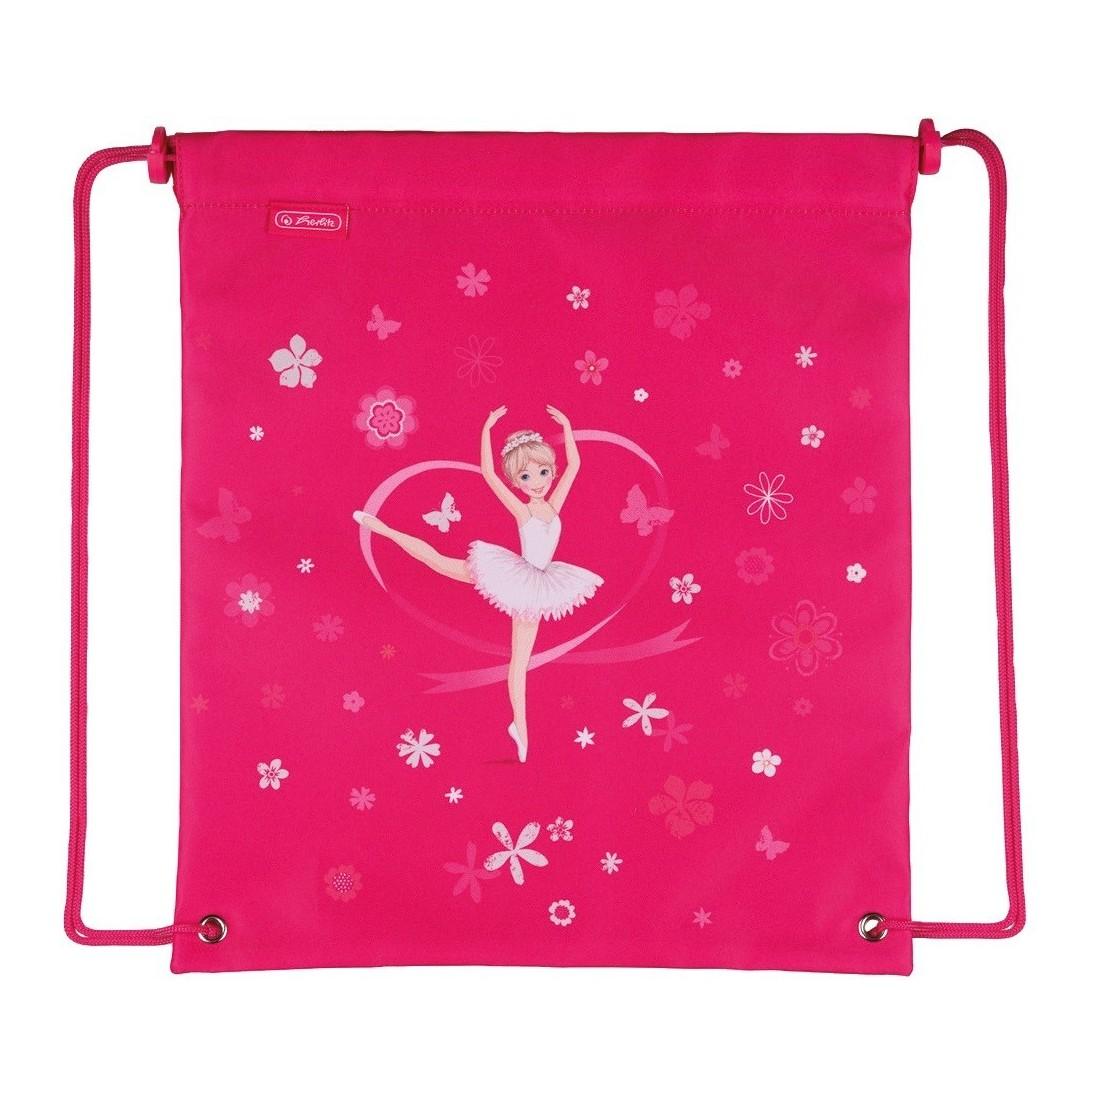 Worek Smart Girls Ballerina Baletnica - plecak-tornister.pl